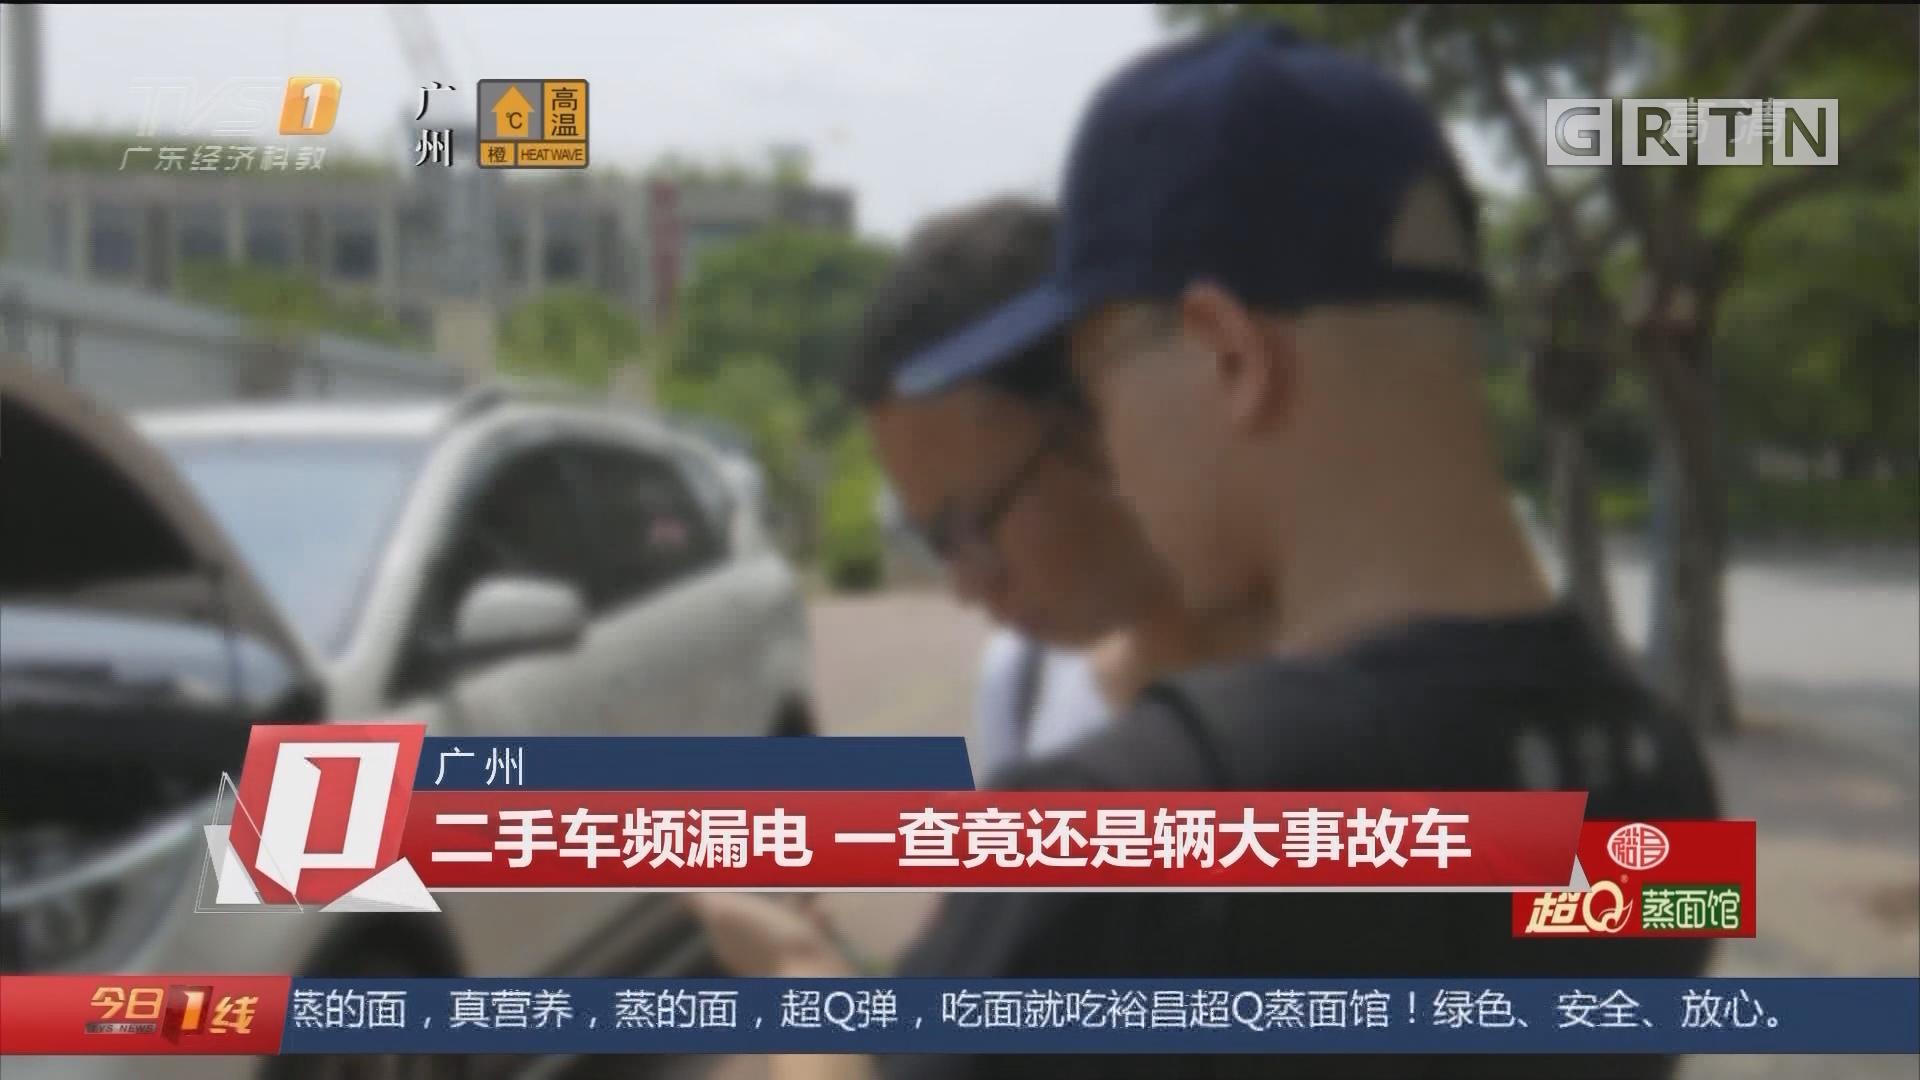 广州:二手车频漏电 一查竟还是辆大事故车